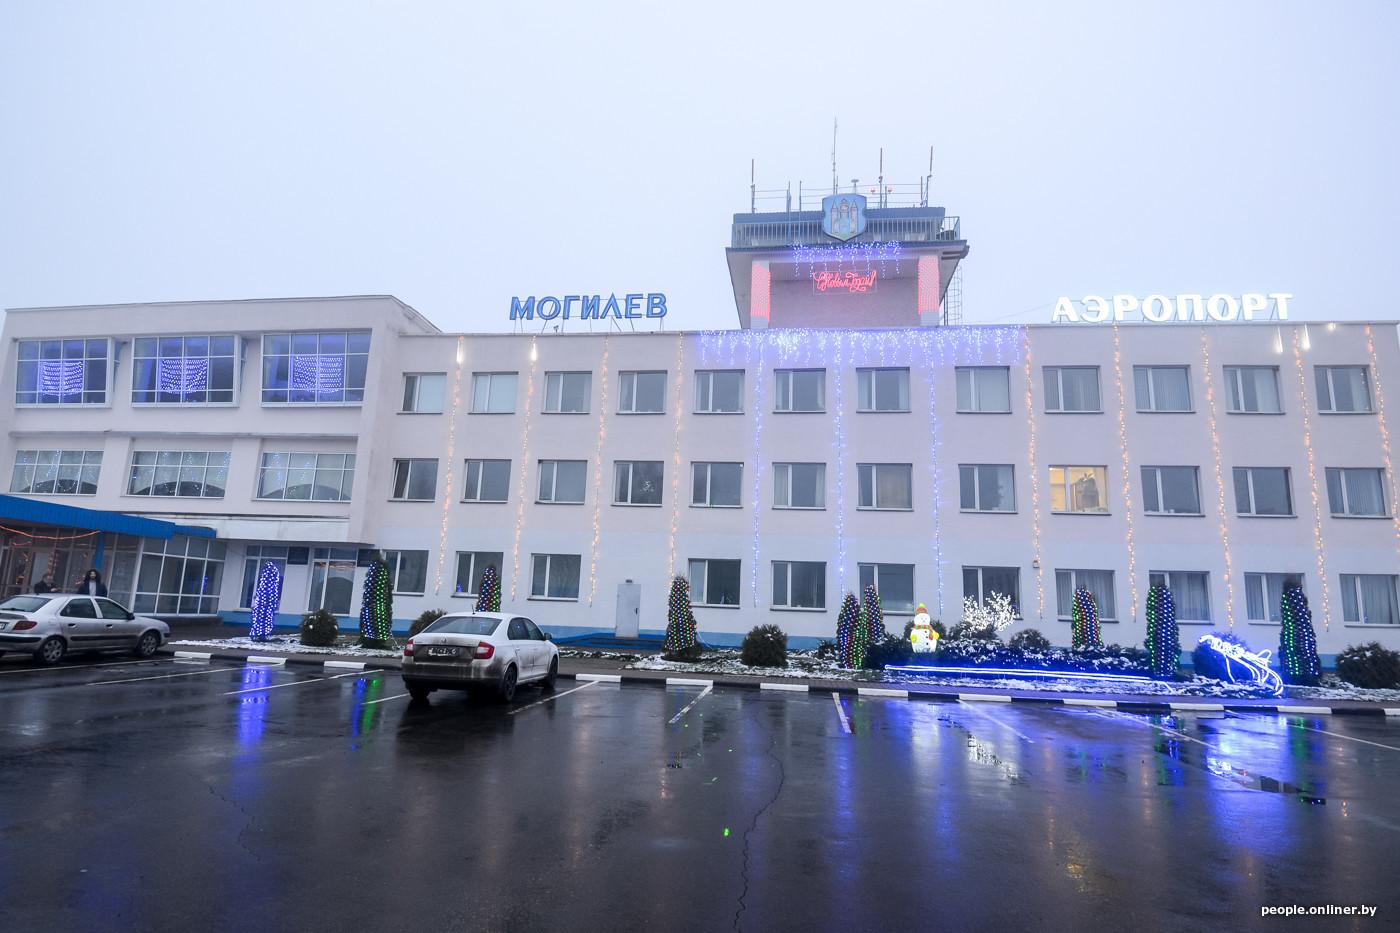 Картинки по запросу фото аэропорт Могилёва.Такси